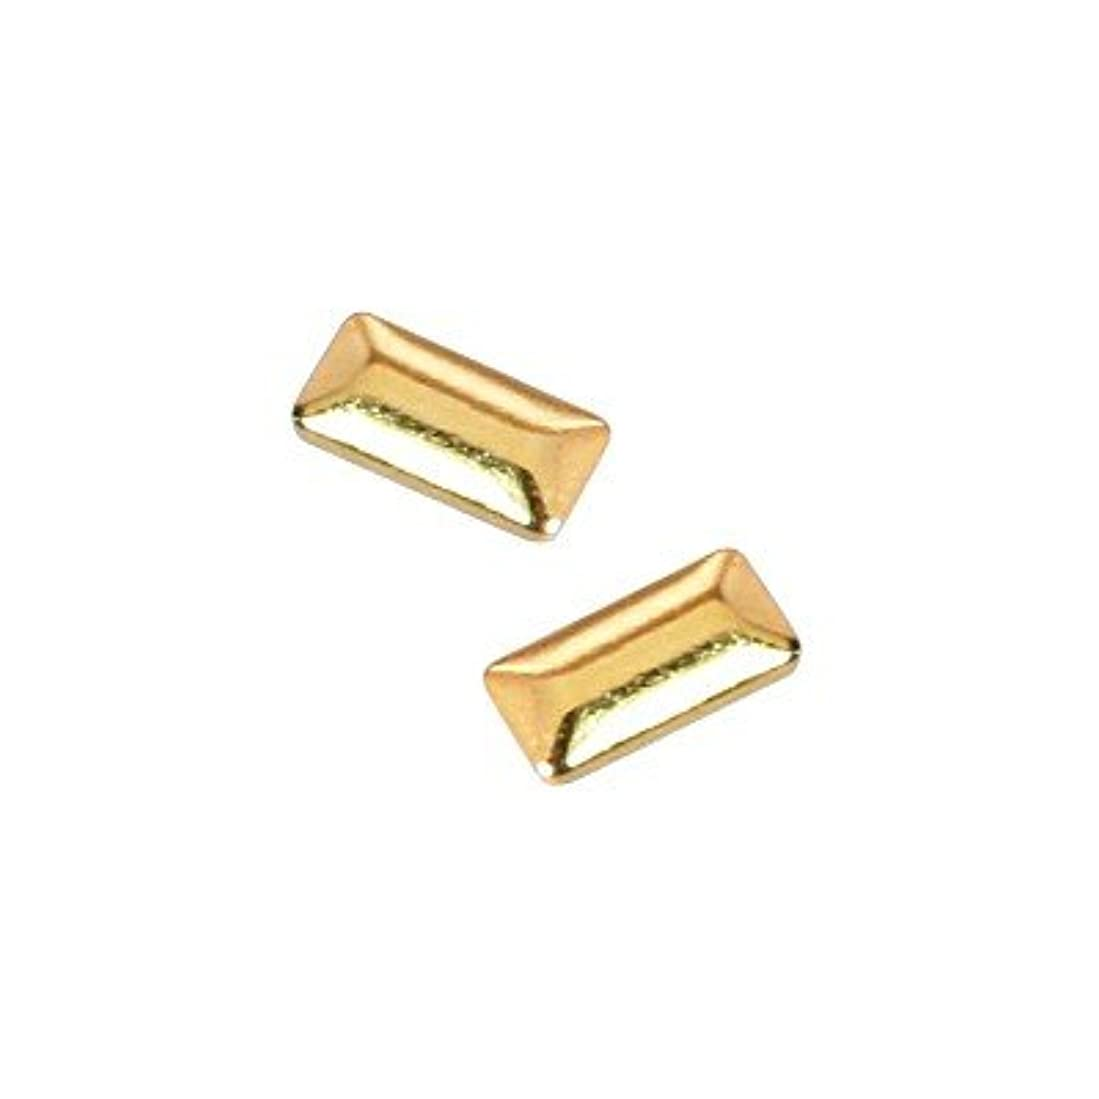 実り多い優雅な反発するピアドラ スタッズ メタル長方形 1×3mm 50P ゴールド